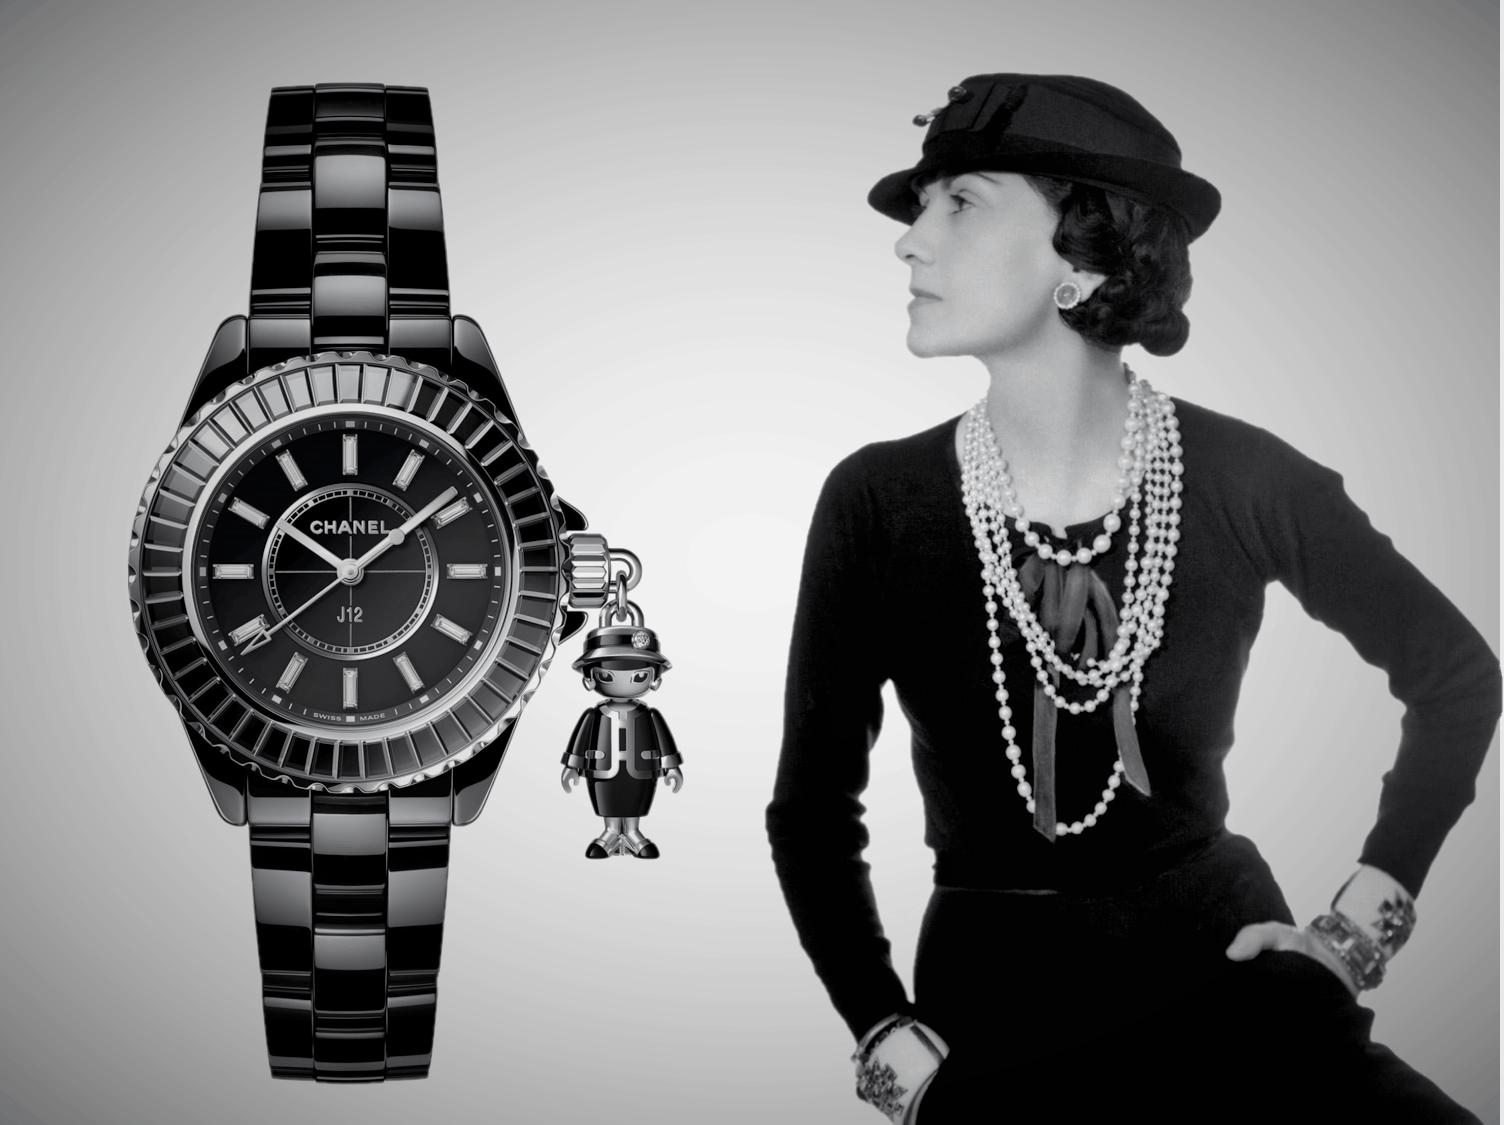 Garbrielle Coco Chanel im Jahr 1935 mit einer aktuellen Chanel J12 Acte II Uhr